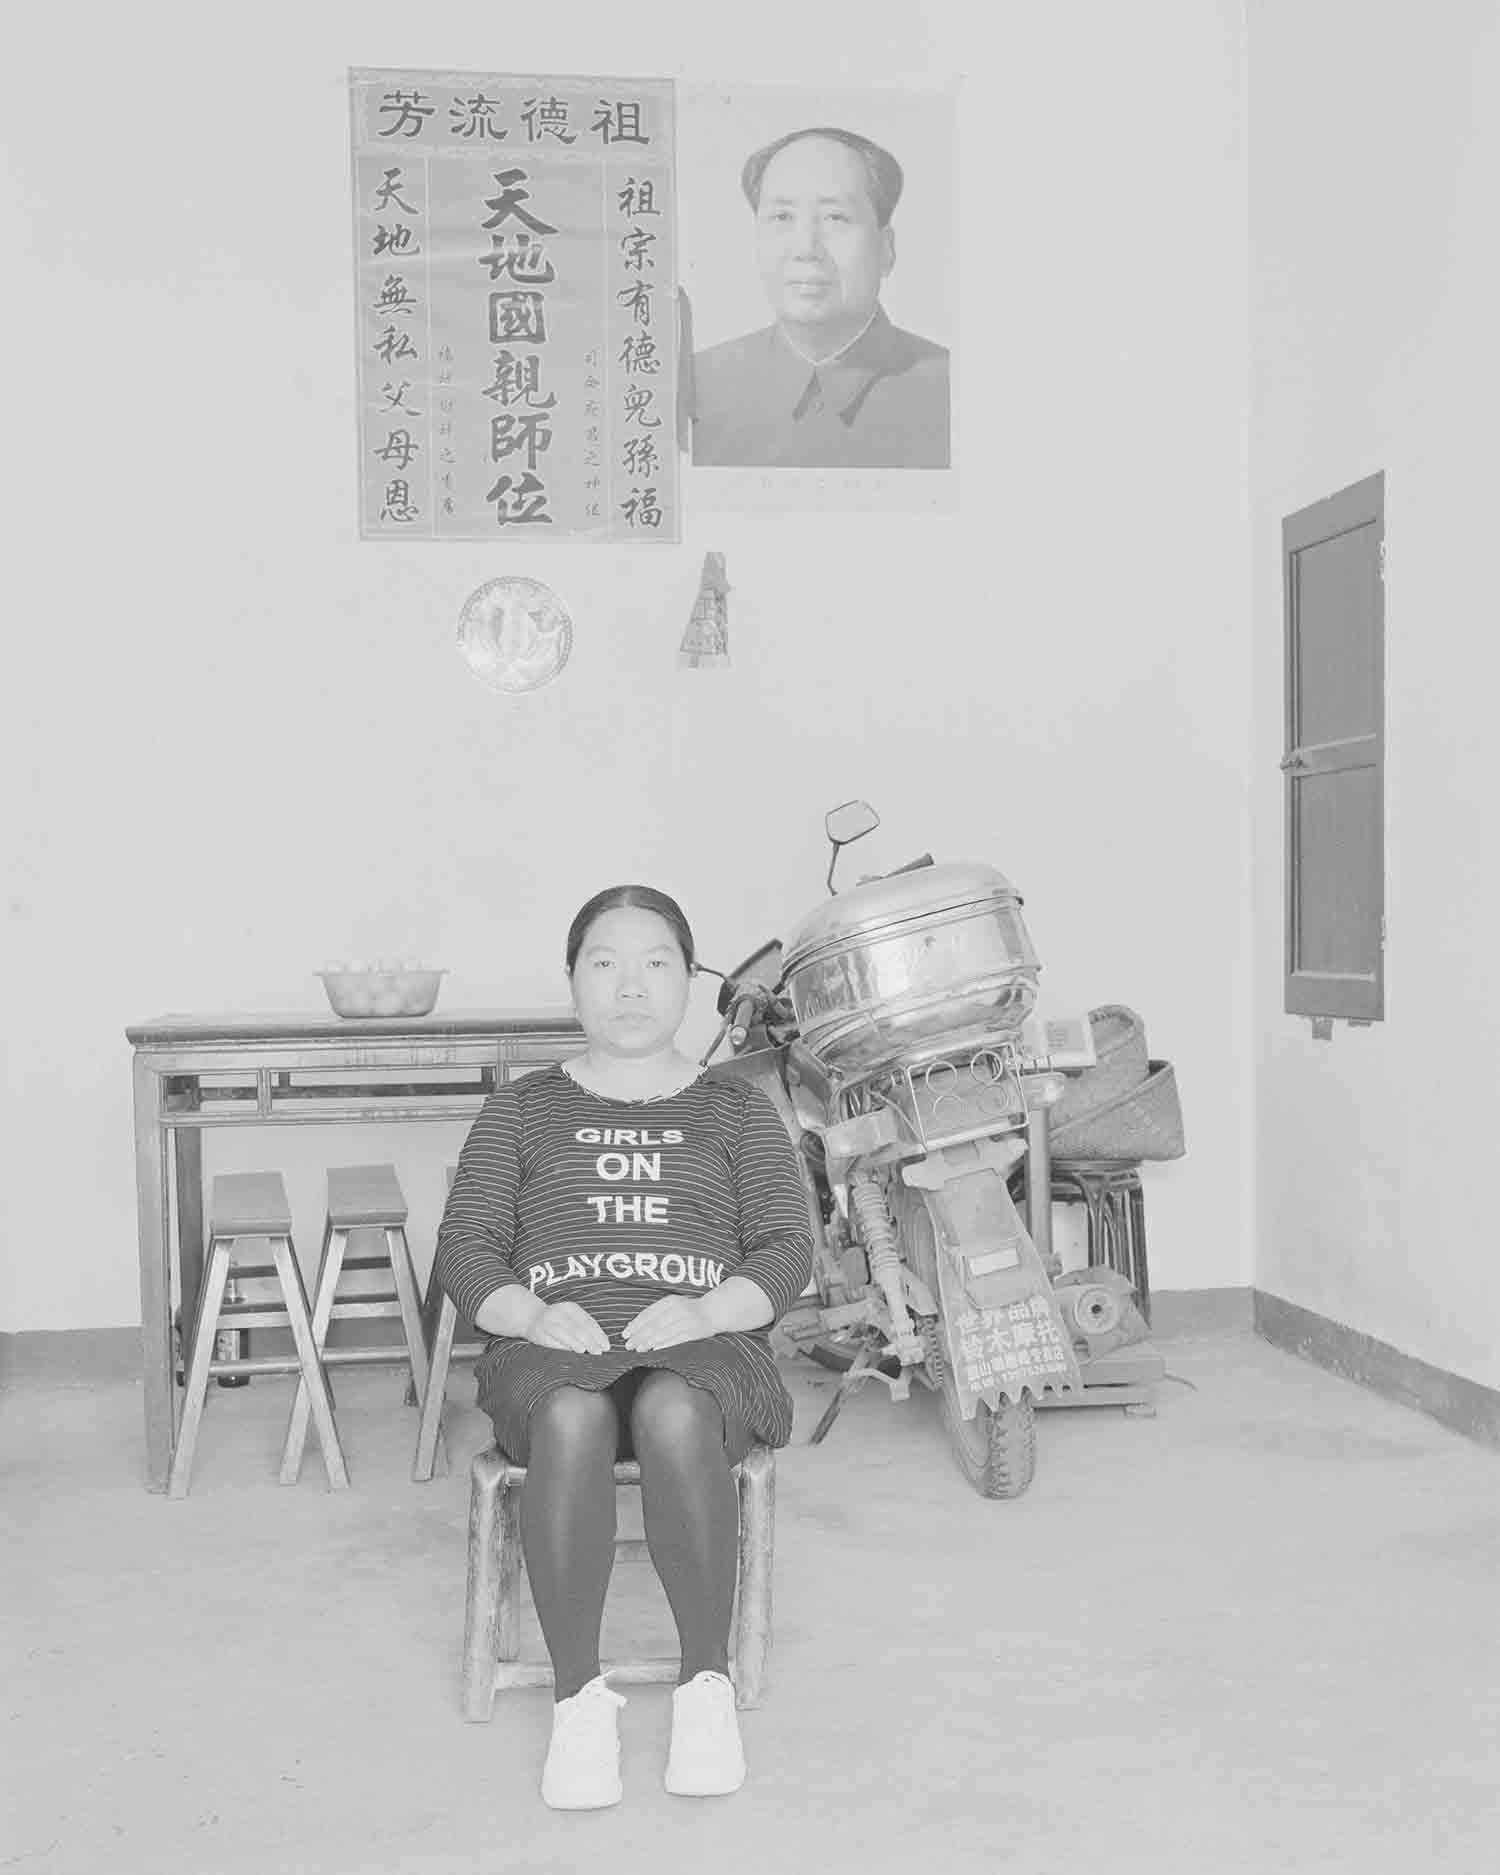 zhou-qiang-photography-of-china-3.jpg